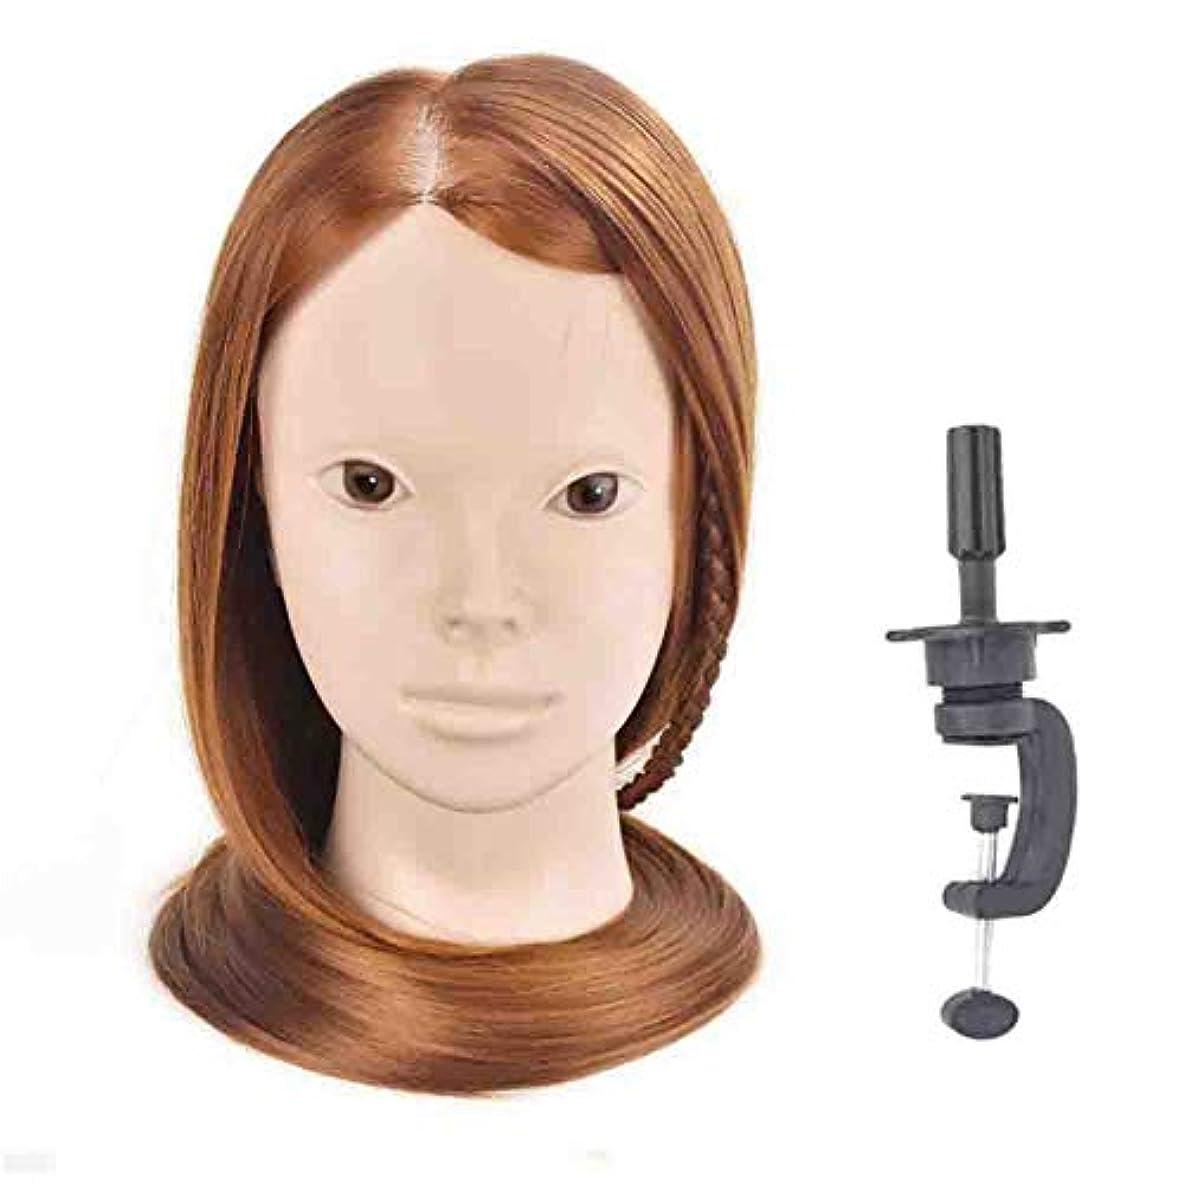 サリー異形安心させるは、花嫁の髪編組ひも学習ヘッドモデル理髪モデルヘッド理髪サロン散髪ダミー練習ヘッド